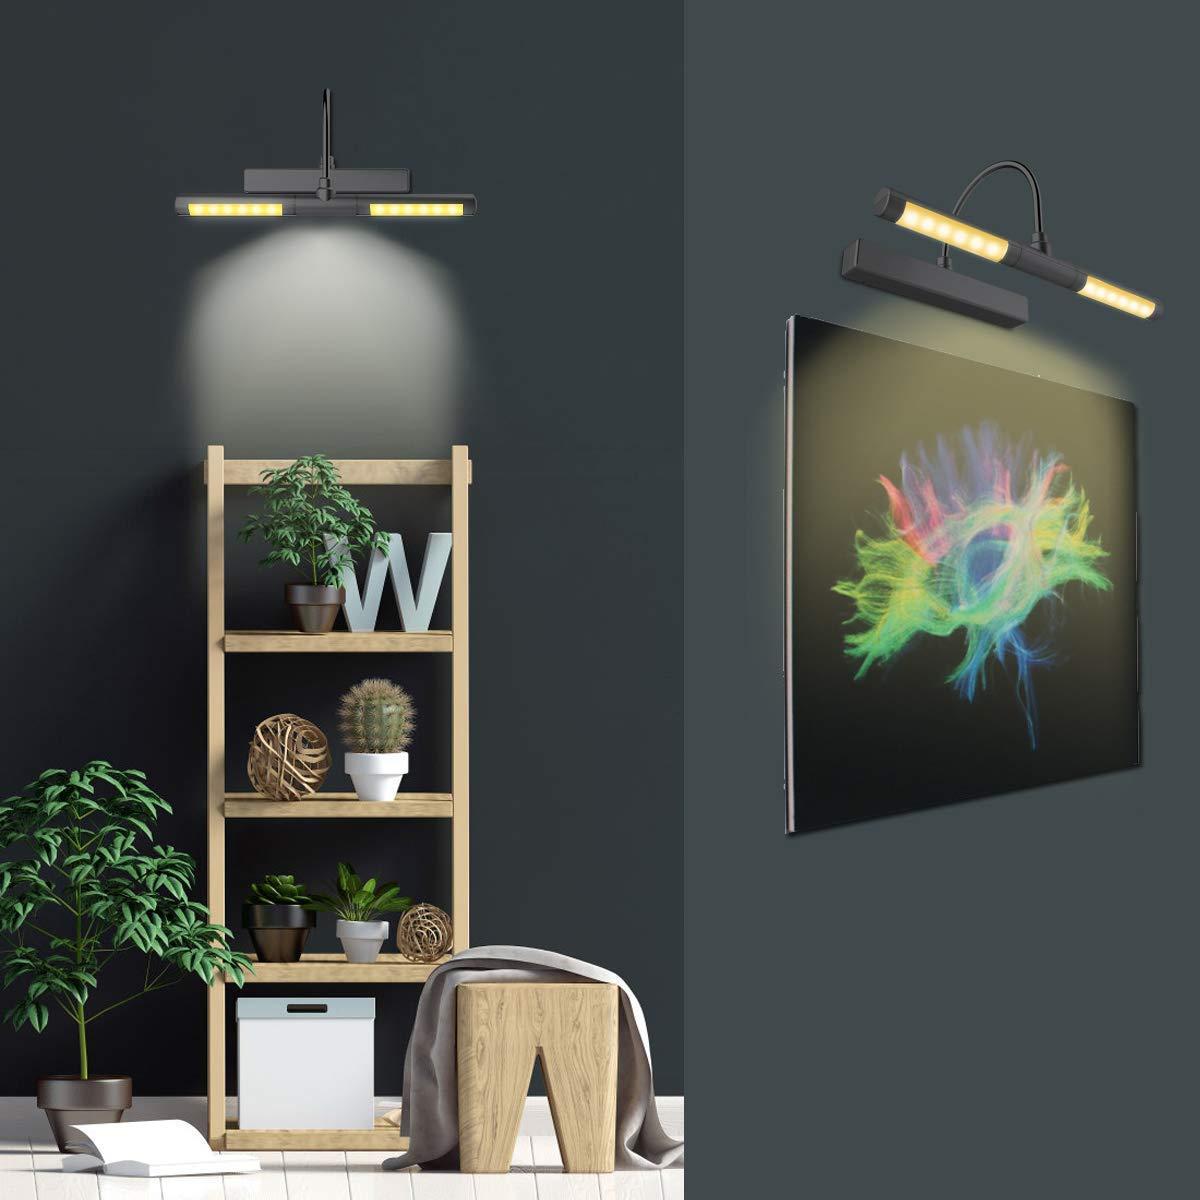 testa girevole da 33 cm con timer per pittura ritratto 3 modalit/à di illuminazione cornice con telecomando HONWELL Lampada a LED wireless a batteria dimmerabile colore: nero